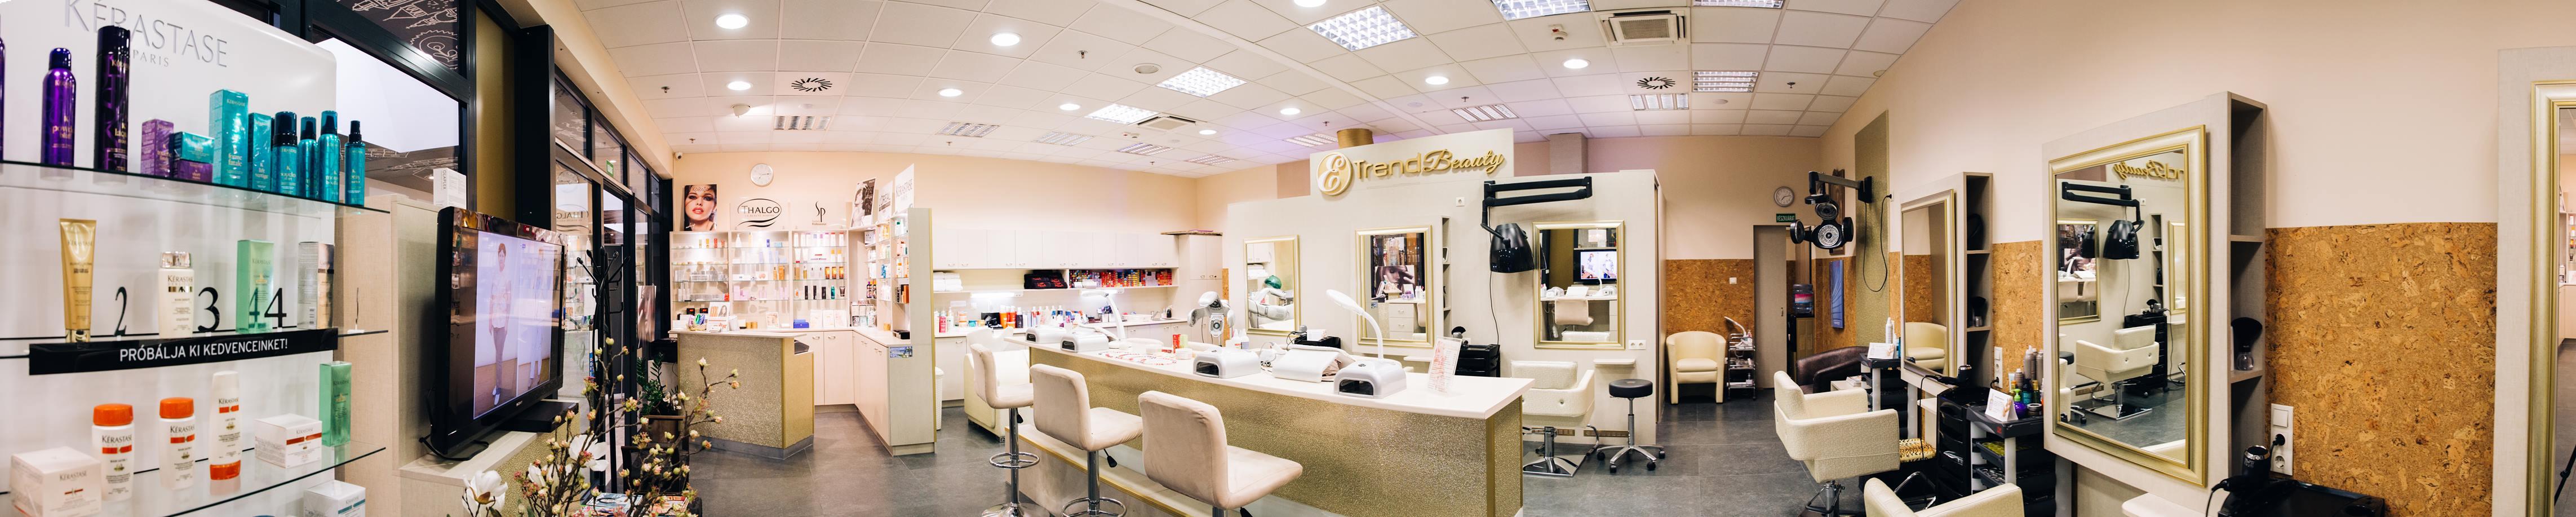 E Trend Beauty - Fodrászat, Kozmetika, Szempilla-hosszabbítás, Smink, Kézápolás, Lábápolás